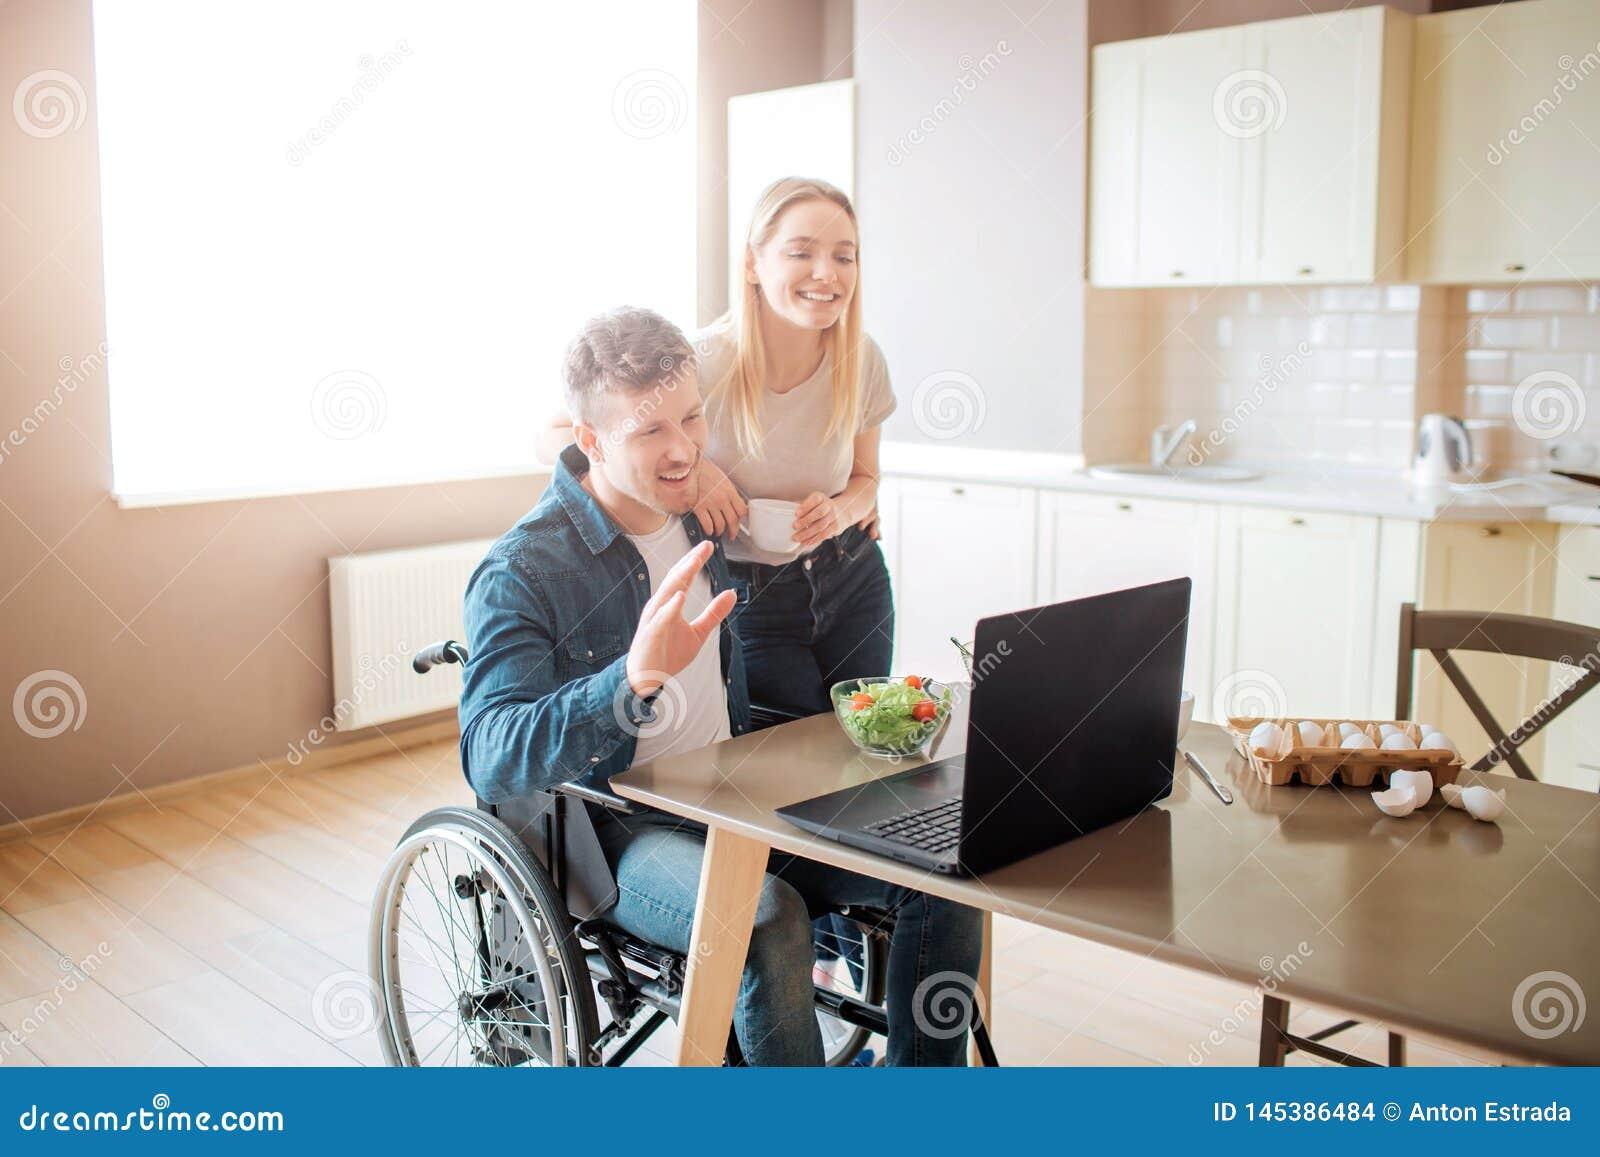 De gelukkige vrolijke jonge mens zit bij lijst en kijkt op laptop Kerel met onbekwaamheid en inclusiviteit Jonge vrouwentribune